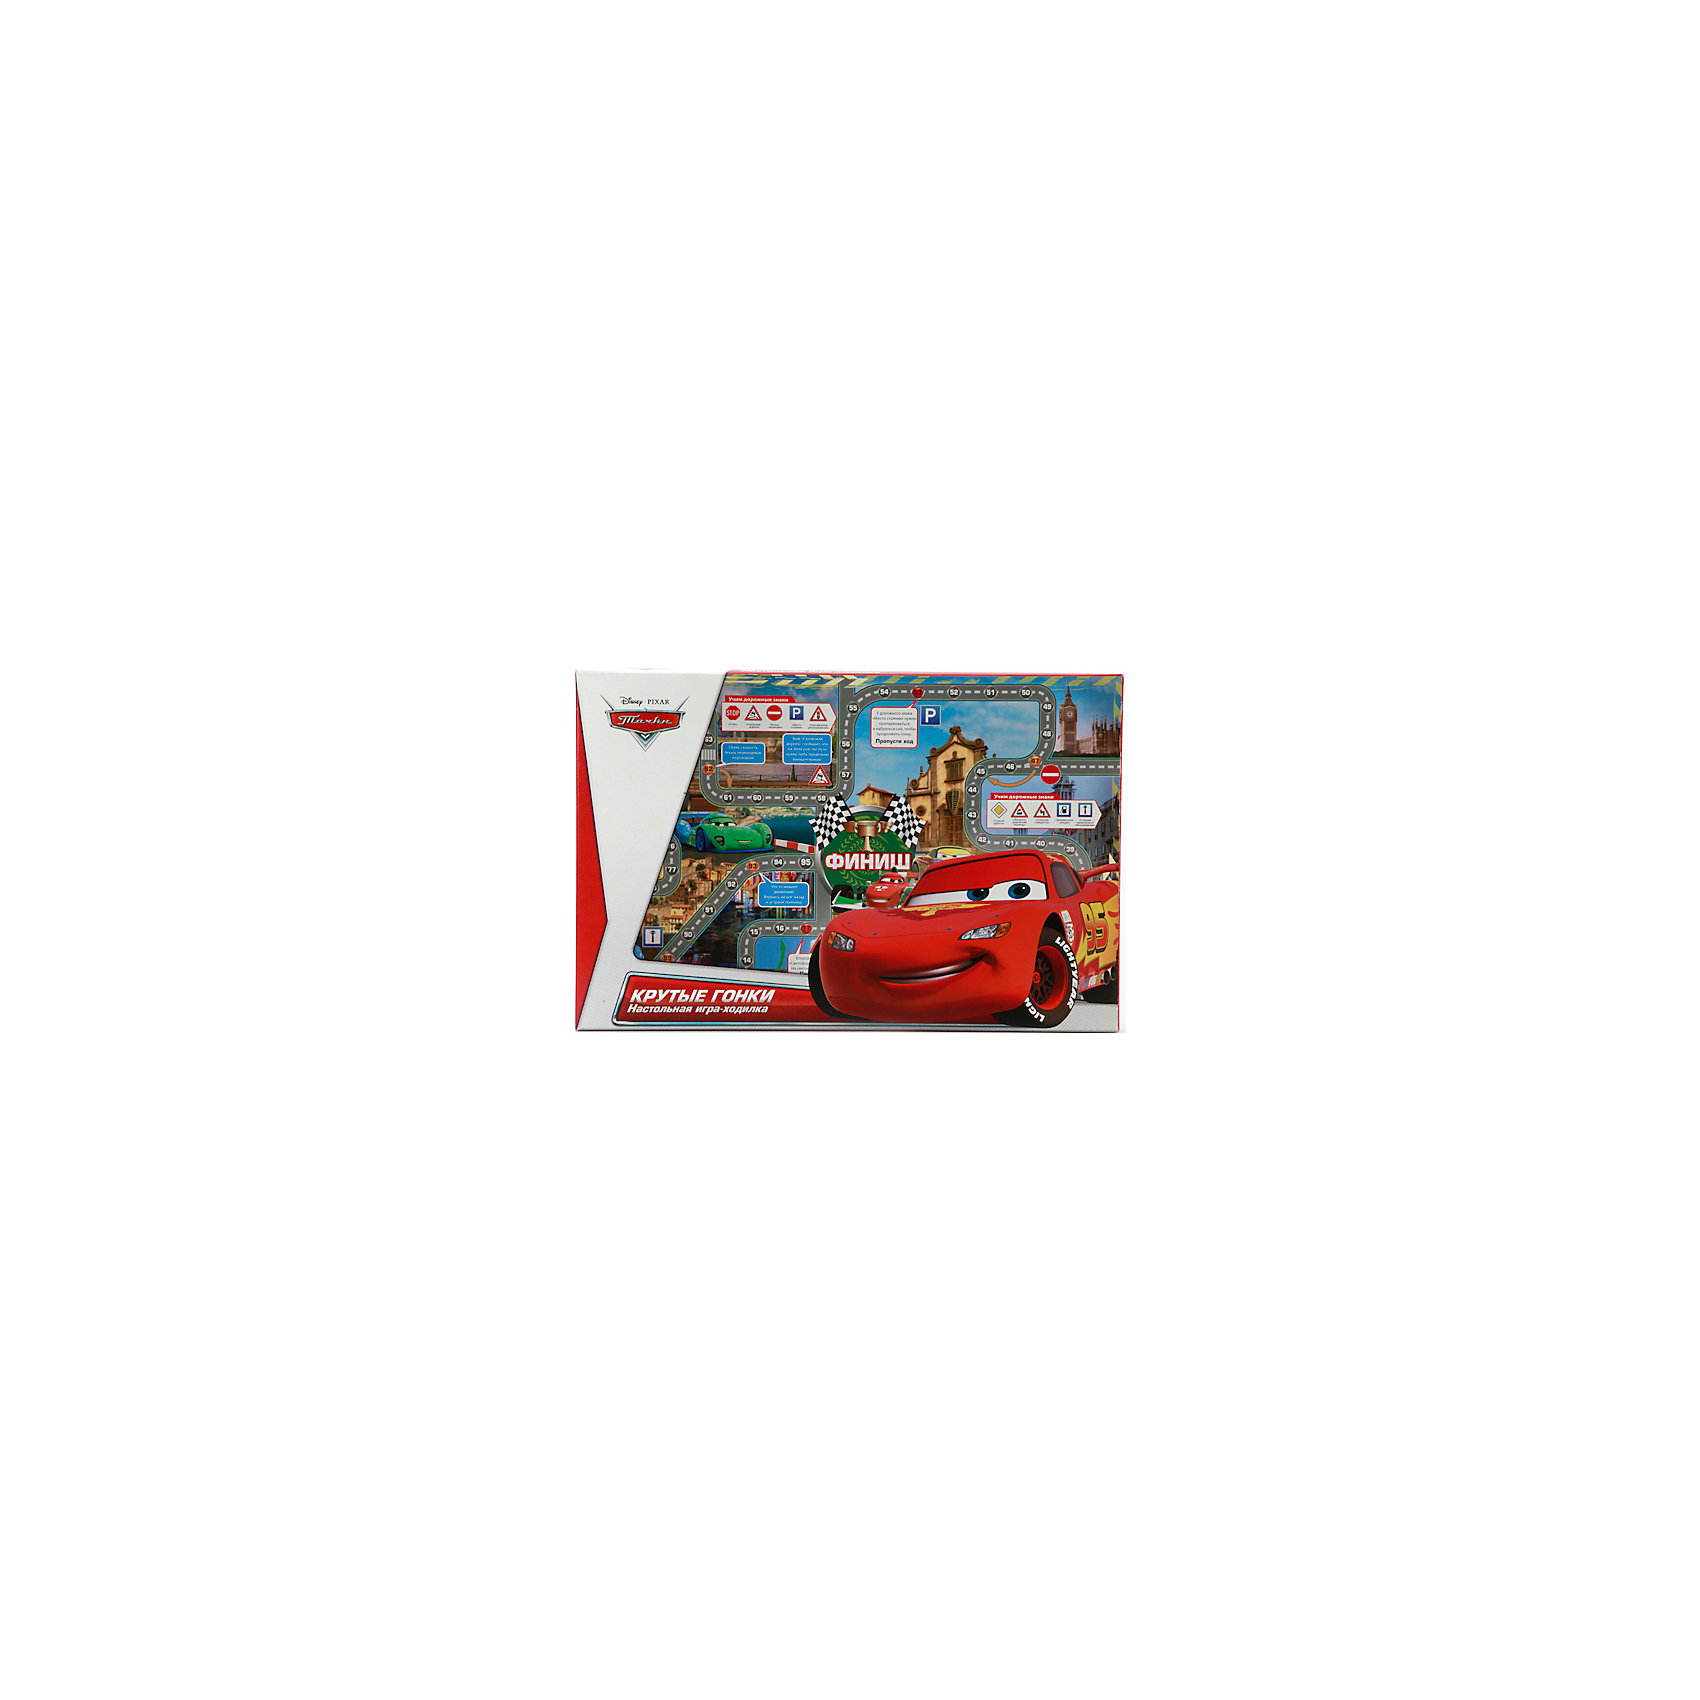 Настольная игра-ходилка Крутые гонки, Тачки, УмкаТачки<br>Игра-ходилка - одна из самых популярных и интересных настольных игр. В неё можно играть всей семьей! Этот набор сделан в тематике мультфильма Тачки, особенно понравится мальчишкам. Он сделан из качественного и безопасного для ребенка материала.<br>На игровом поле изображены герои мультфильма, есть фишки и кубик. Игра с таким набором поможет не только весело провести время, она позволит ребенку запоминать цифры в игровой форме, тренировать внимание, мышление и мелкую моторику.<br><br>Дополнительная информация:<br><br>цвет: разноцветный;<br>материал: пластик;<br>вес: 150 г;<br>размер упаковки: 3x21x33 см.<br><br>Настольную игру-ходилку Крутые гонки, Тачки, от бренда Умка можно купить в нашем магазине<br><br>Ширина мм: 210<br>Глубина мм: 330<br>Высота мм: 30<br>Вес г: 150<br>Возраст от месяцев: 36<br>Возраст до месяцев: 120<br>Пол: Мужской<br>Возраст: Детский<br>SKU: 4720260